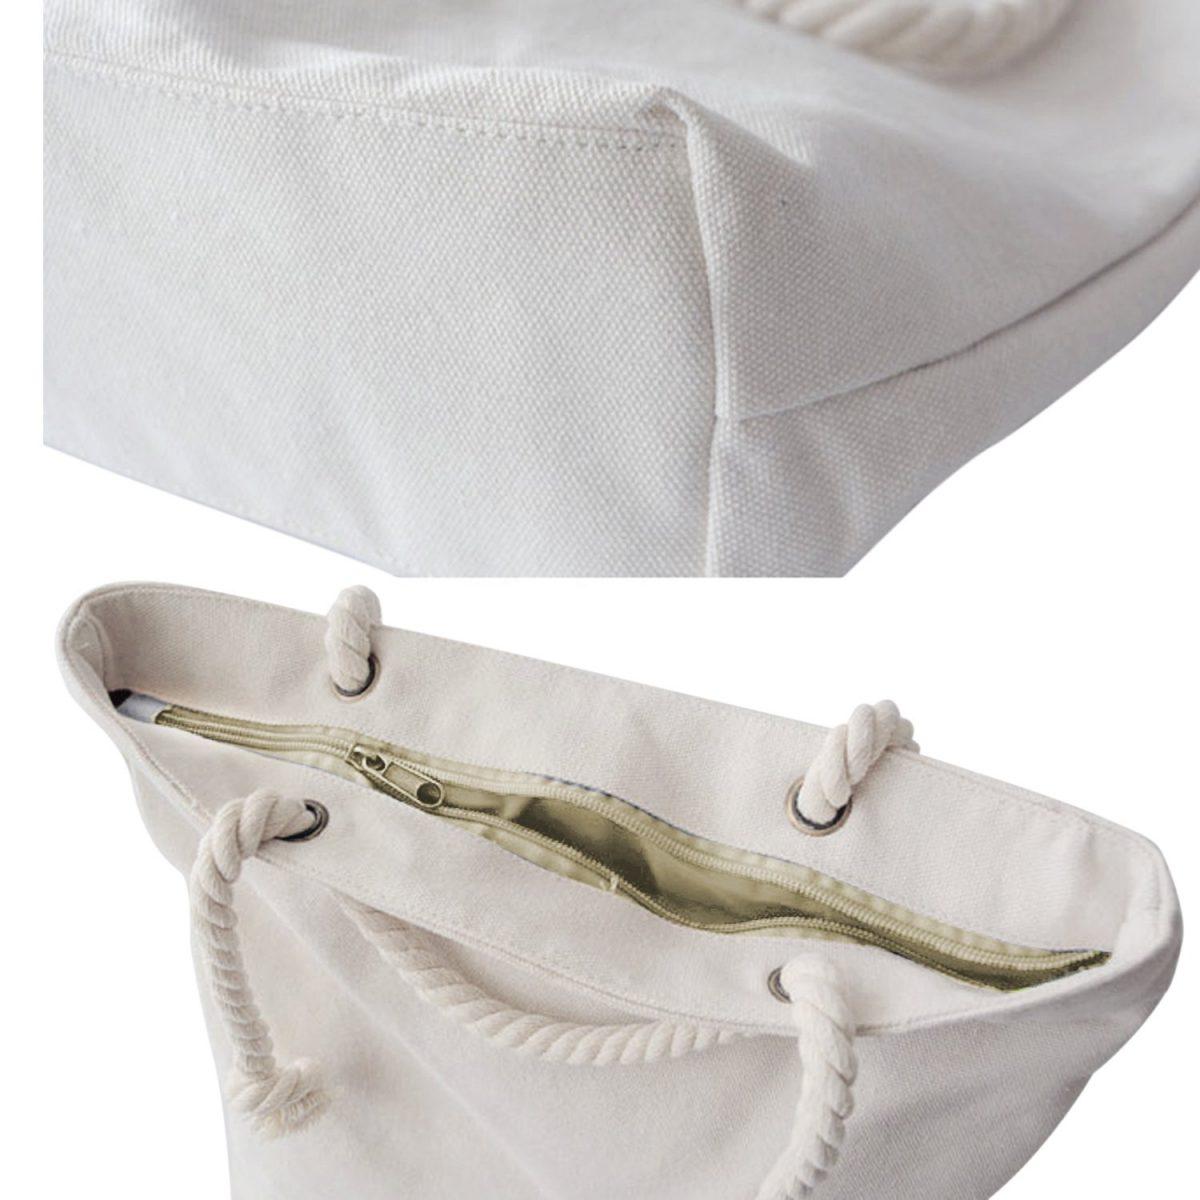 Modern Mermer Görünümlü Dijital Baskılı Bez Kumaş Çanta Realhomes